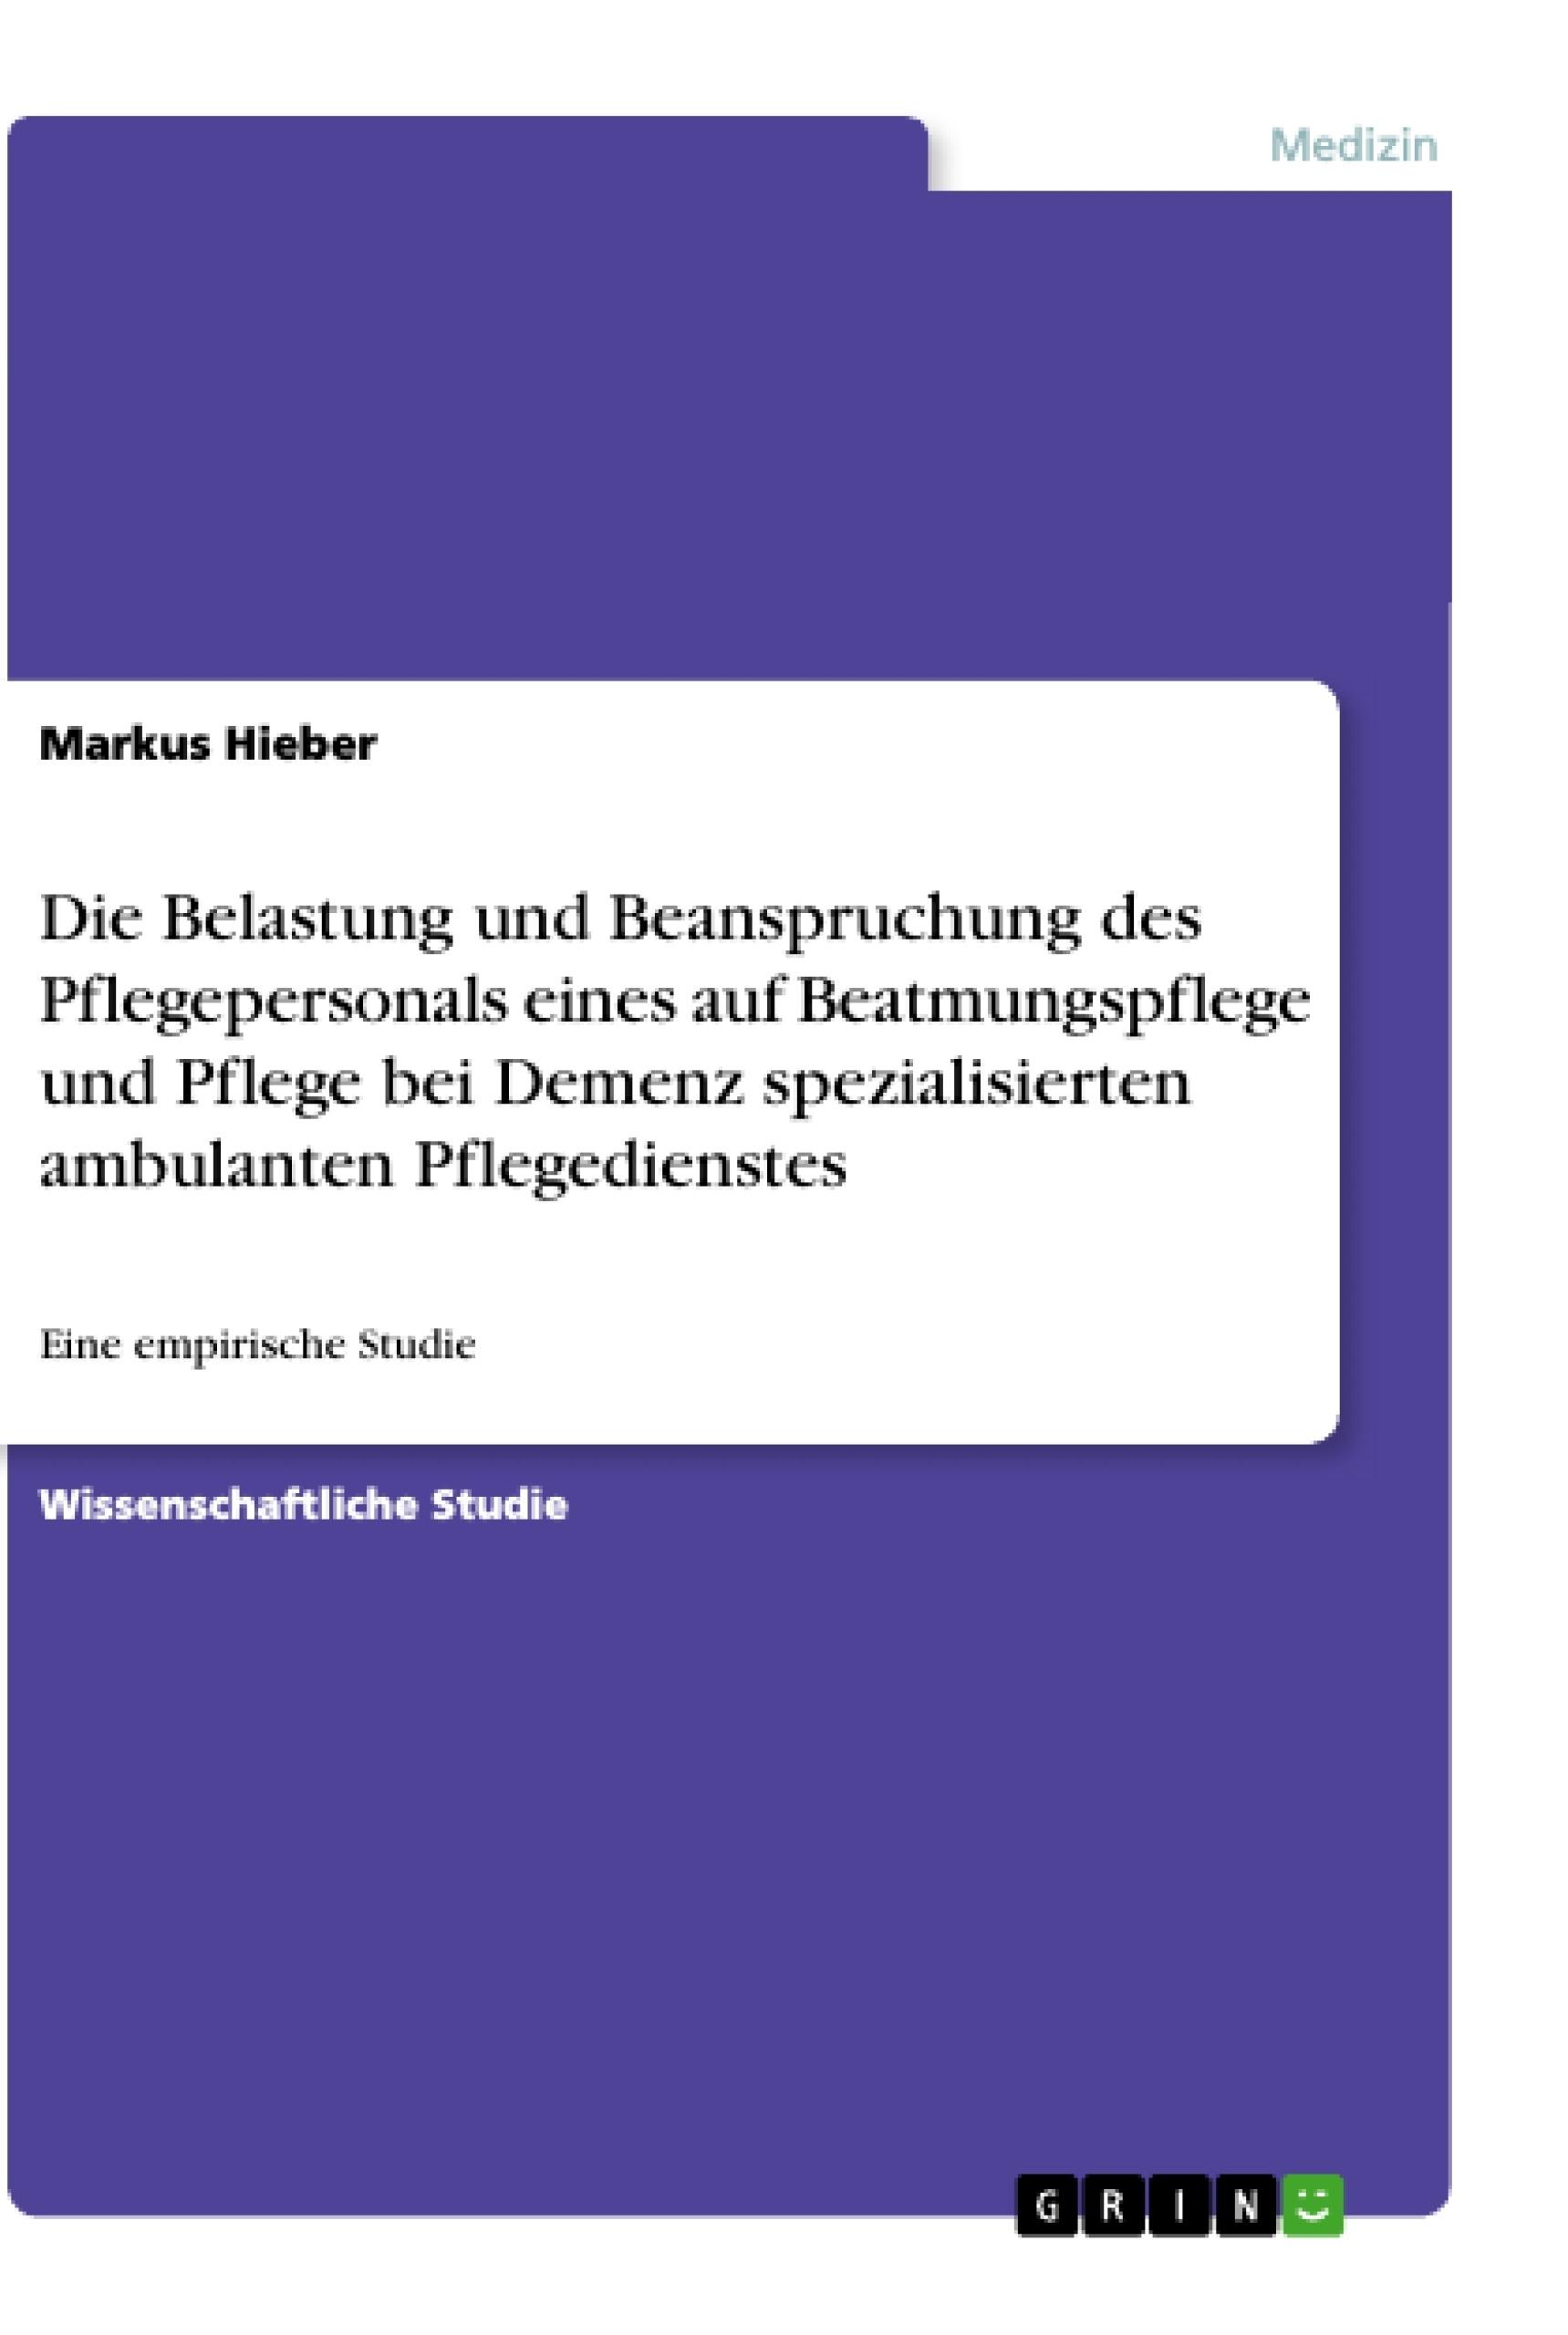 Titel: Die Belastung und  Beanspruchung des Pflegepersonals eines auf Beatmungspflege und Pflege bei Demenz  spezialisierten ambulanten Pflegedienstes